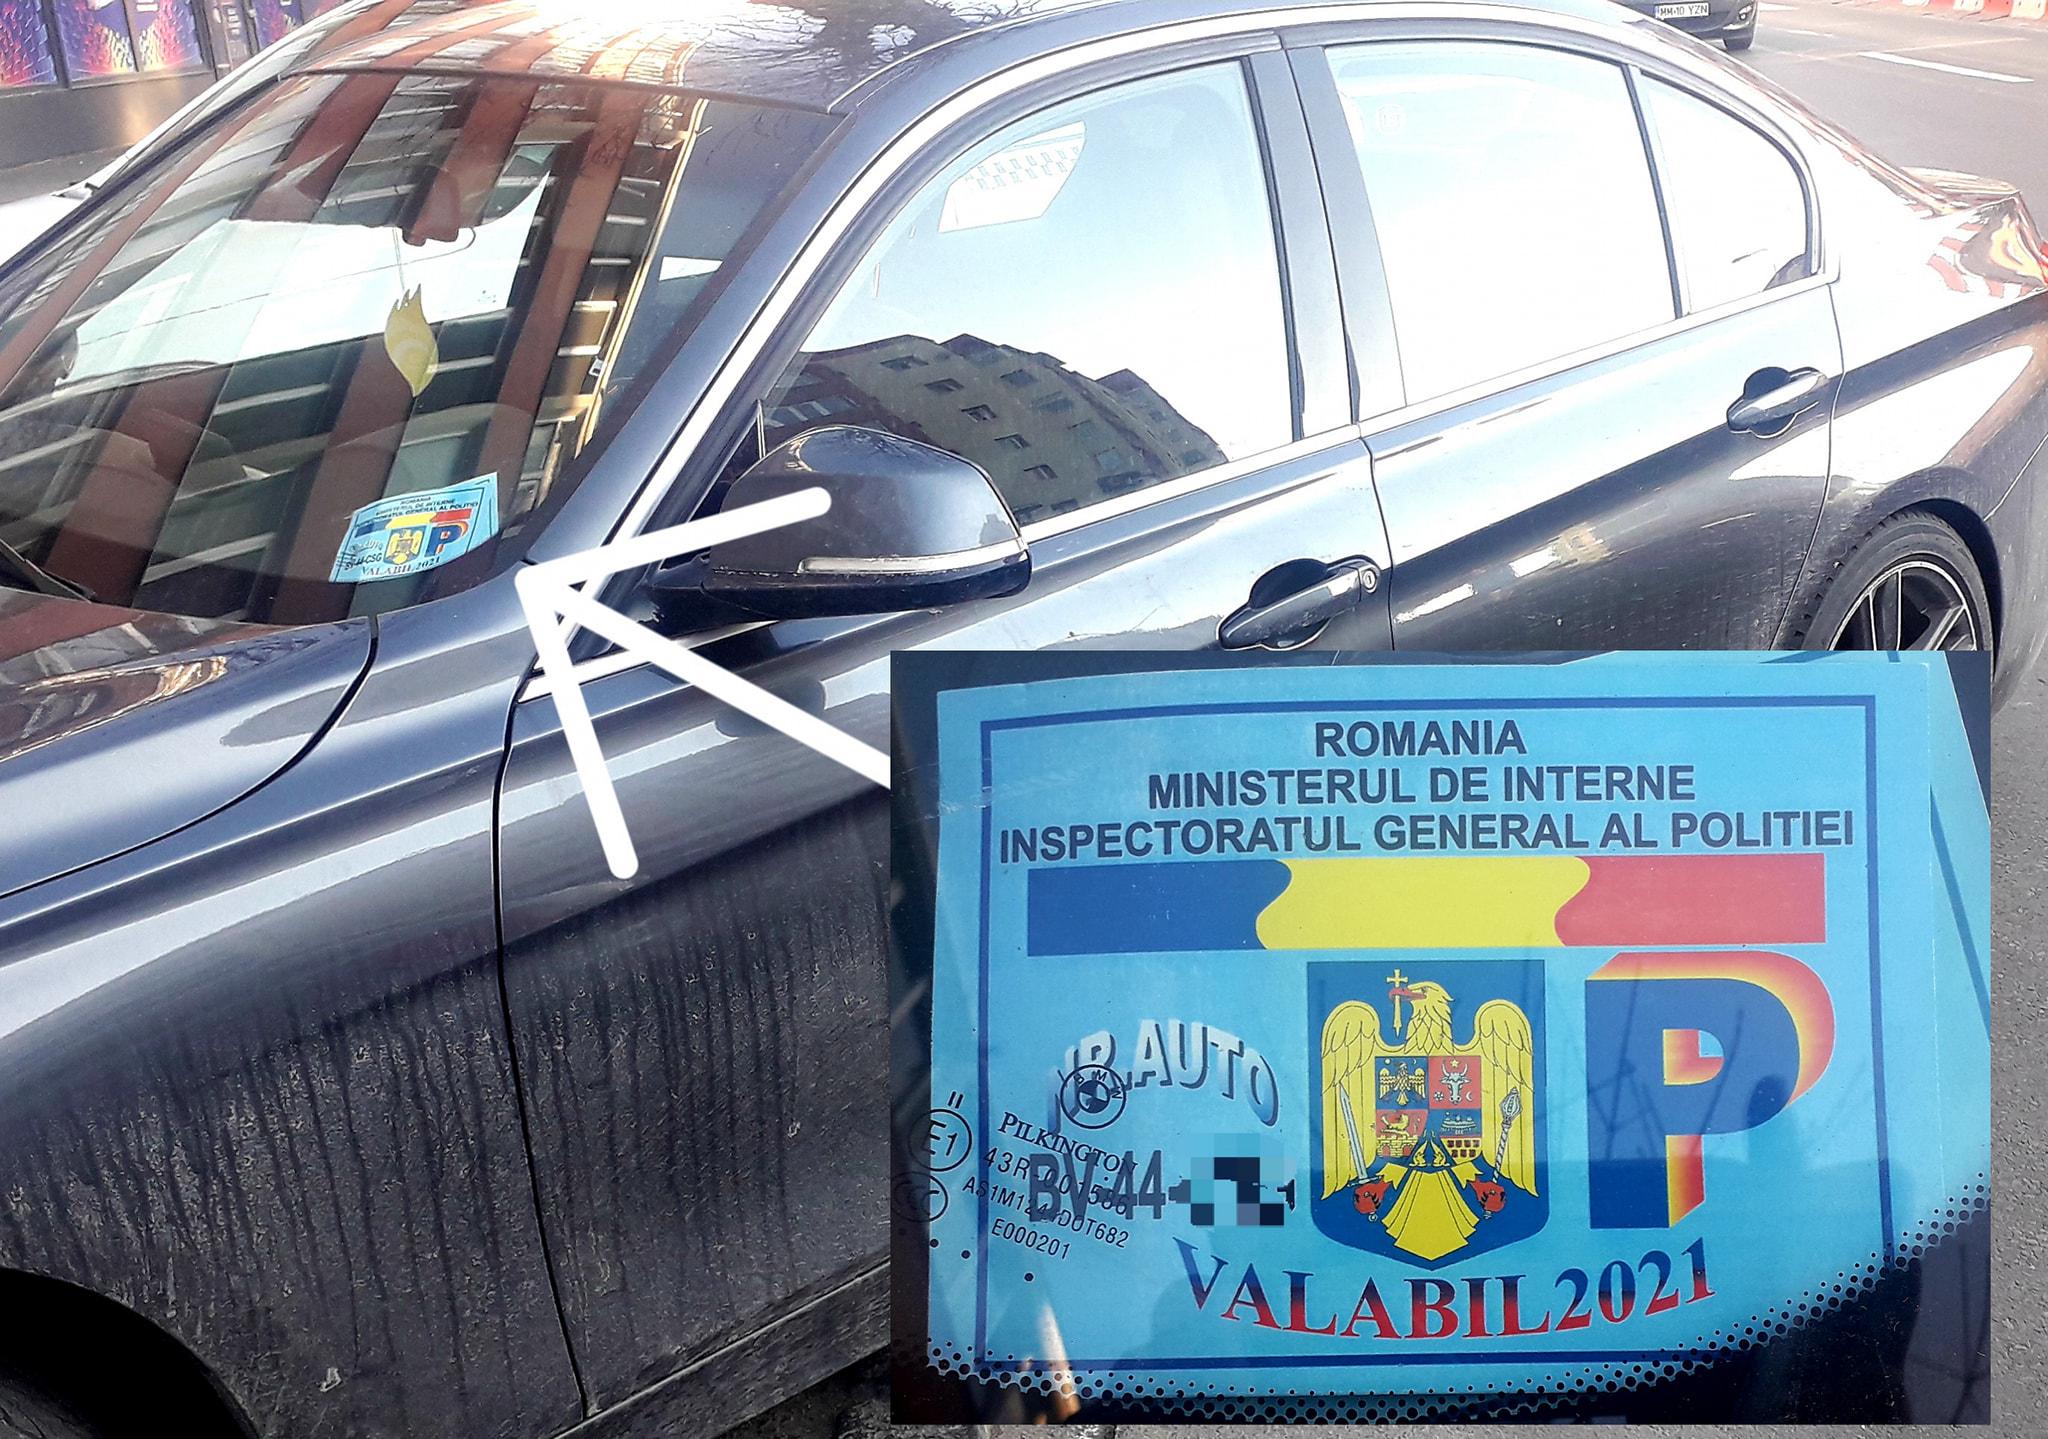 Permisul de parcare MAI, următoarea aroganță după numărul bulgăresc